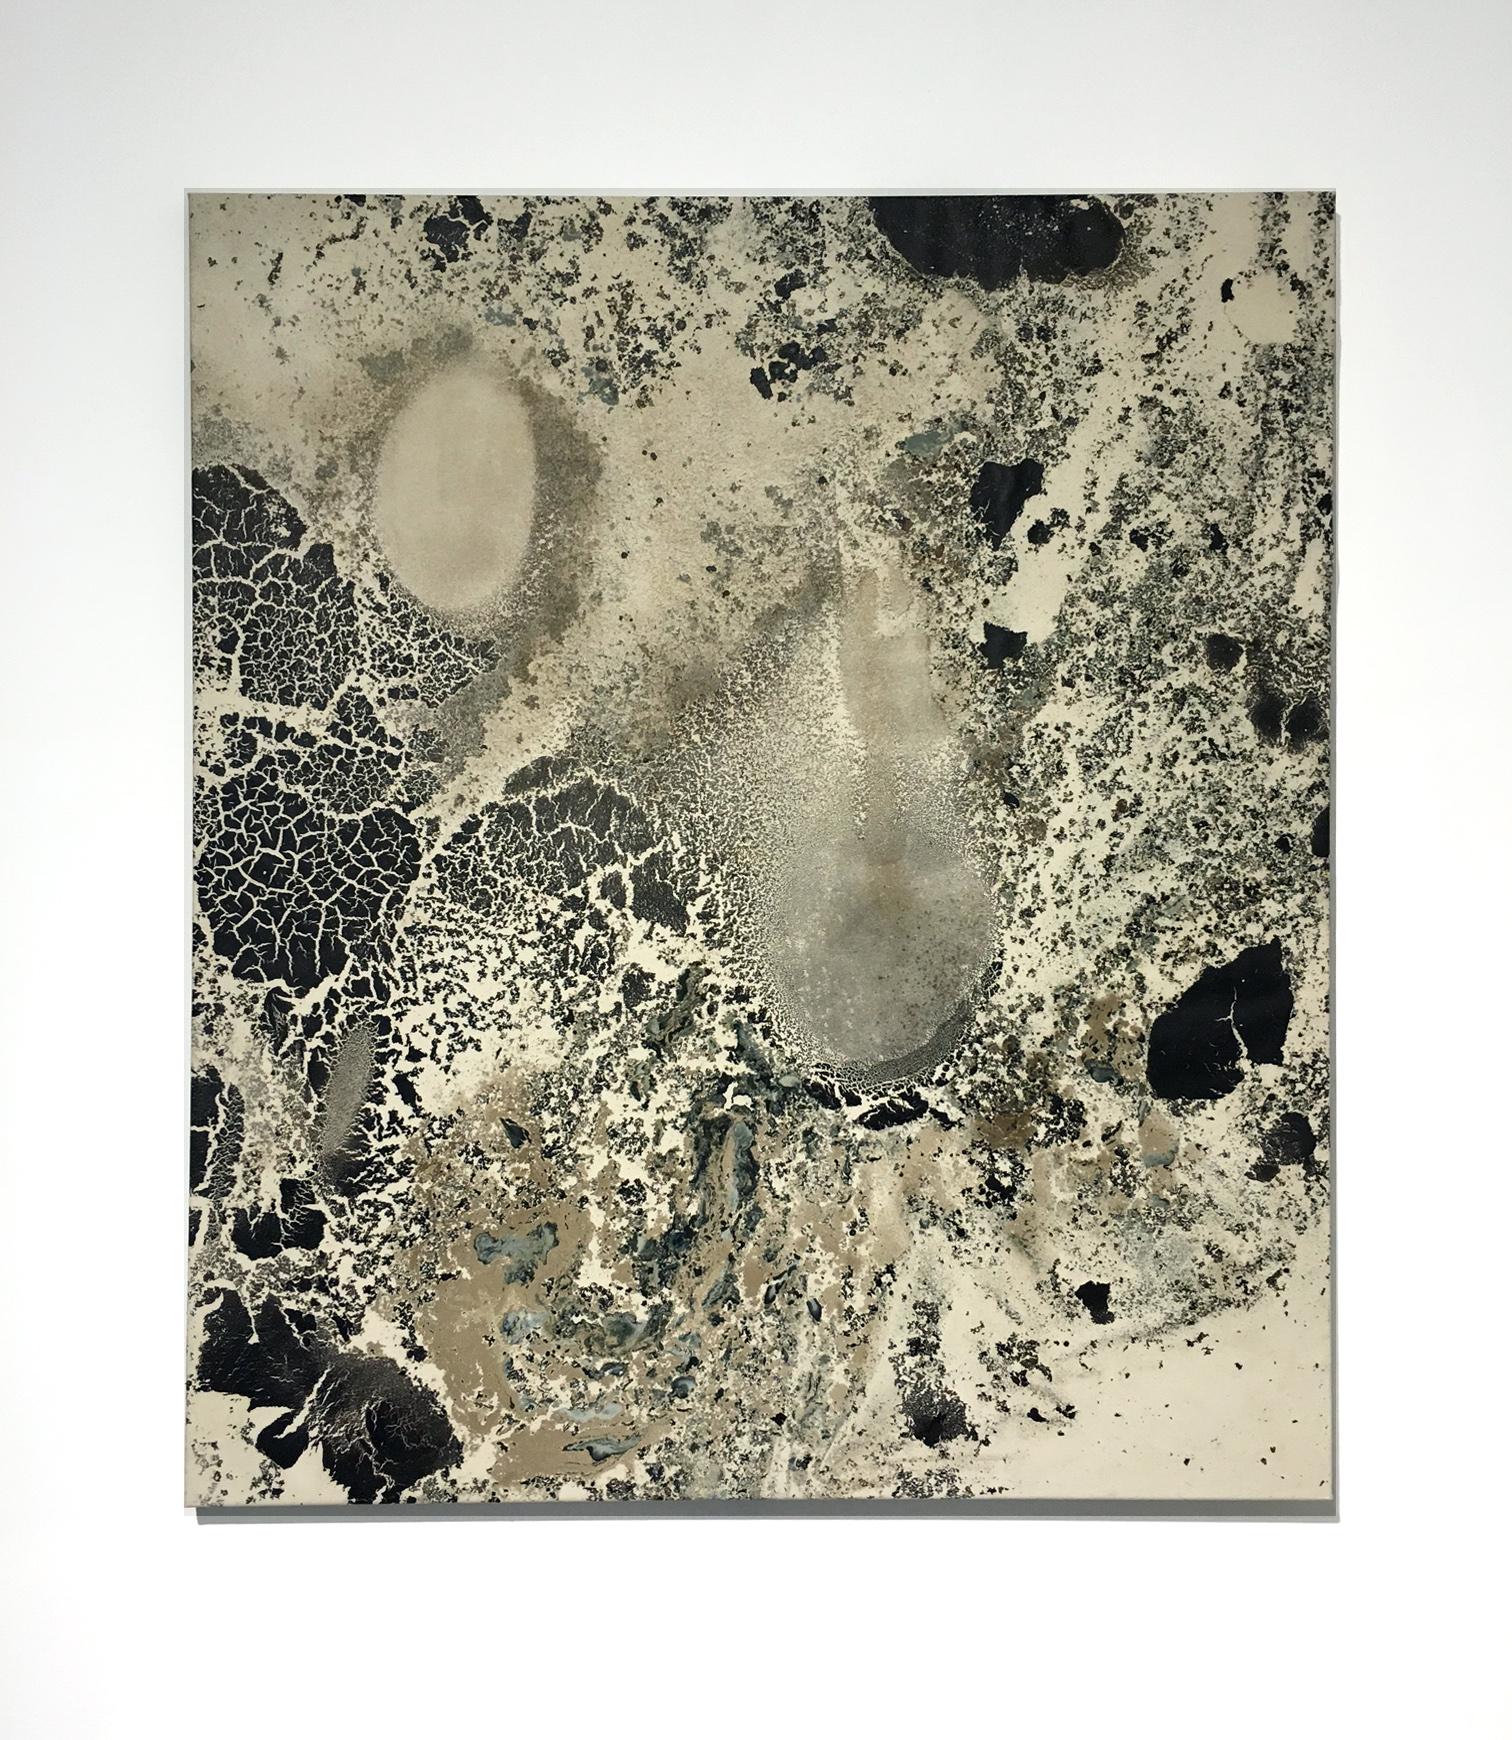 Le Grand Verre - AMORFI (4) - bitumen and oil on cotton canvas